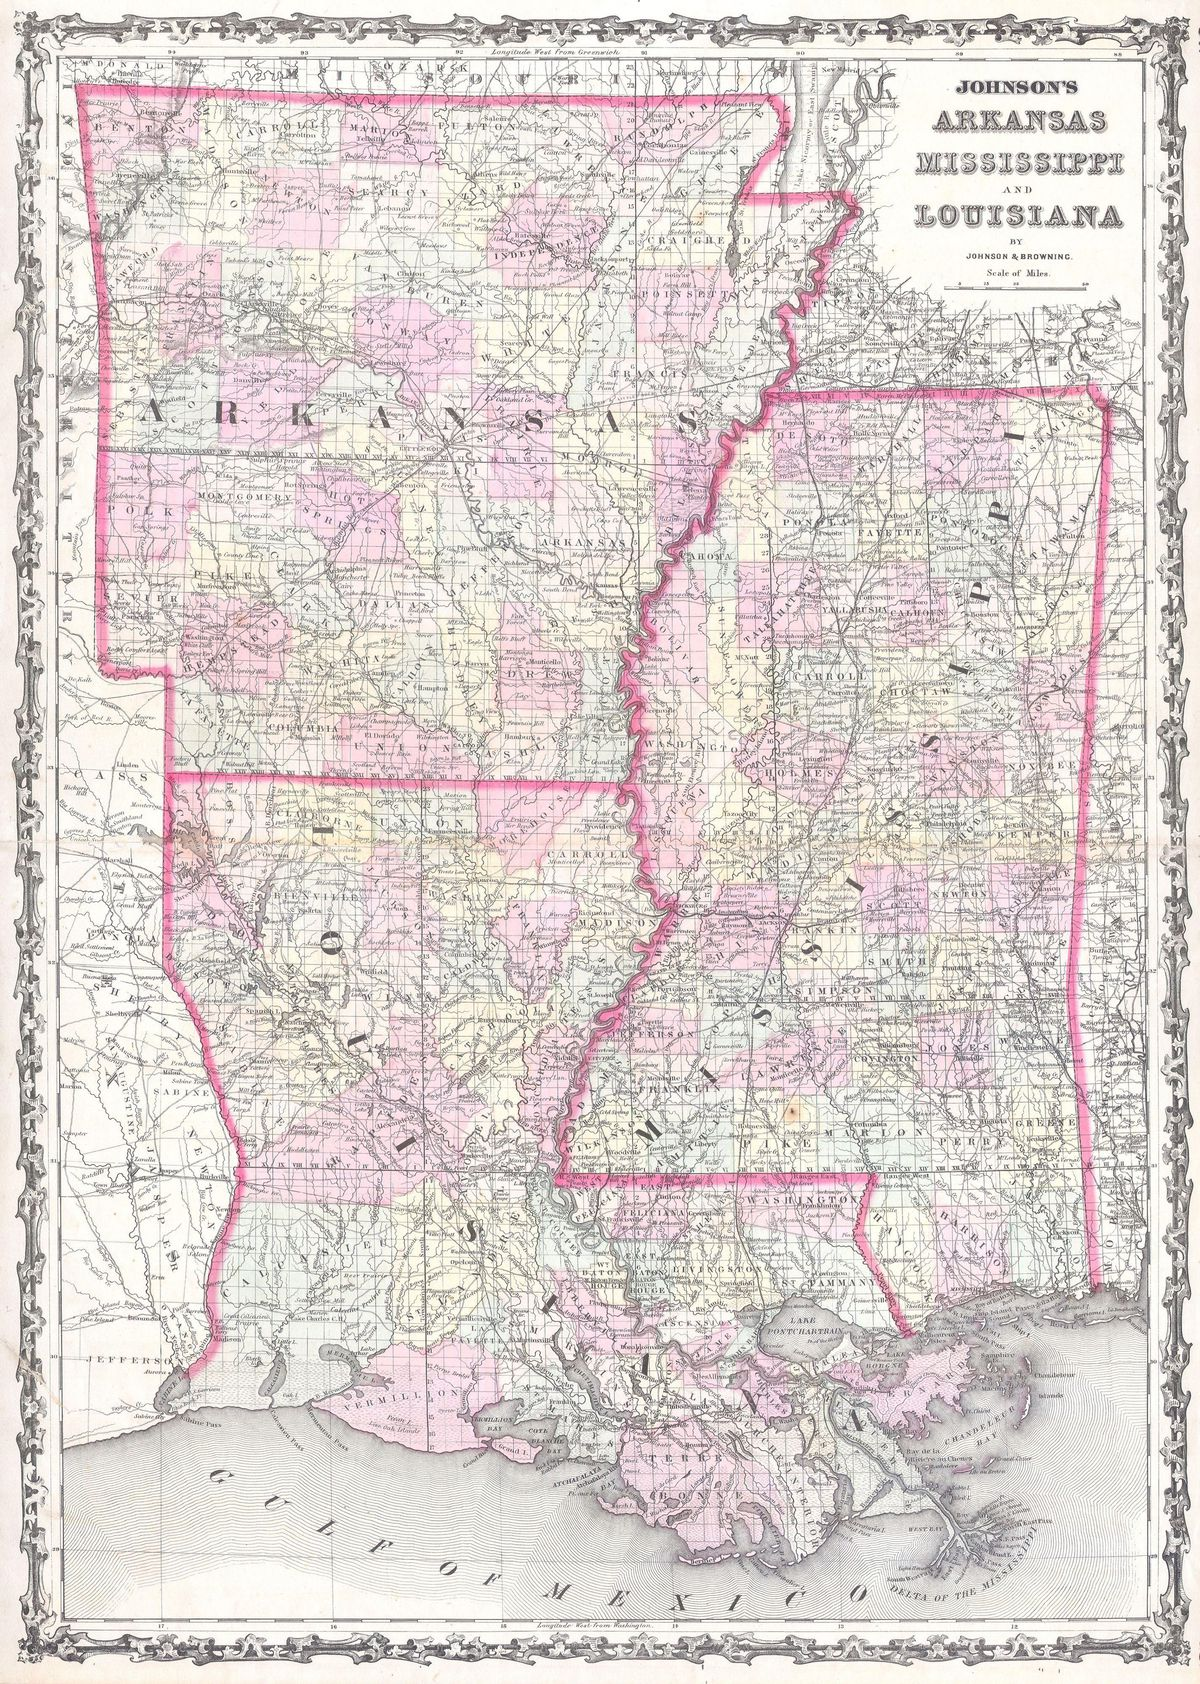 Johnson Map of Mississippi